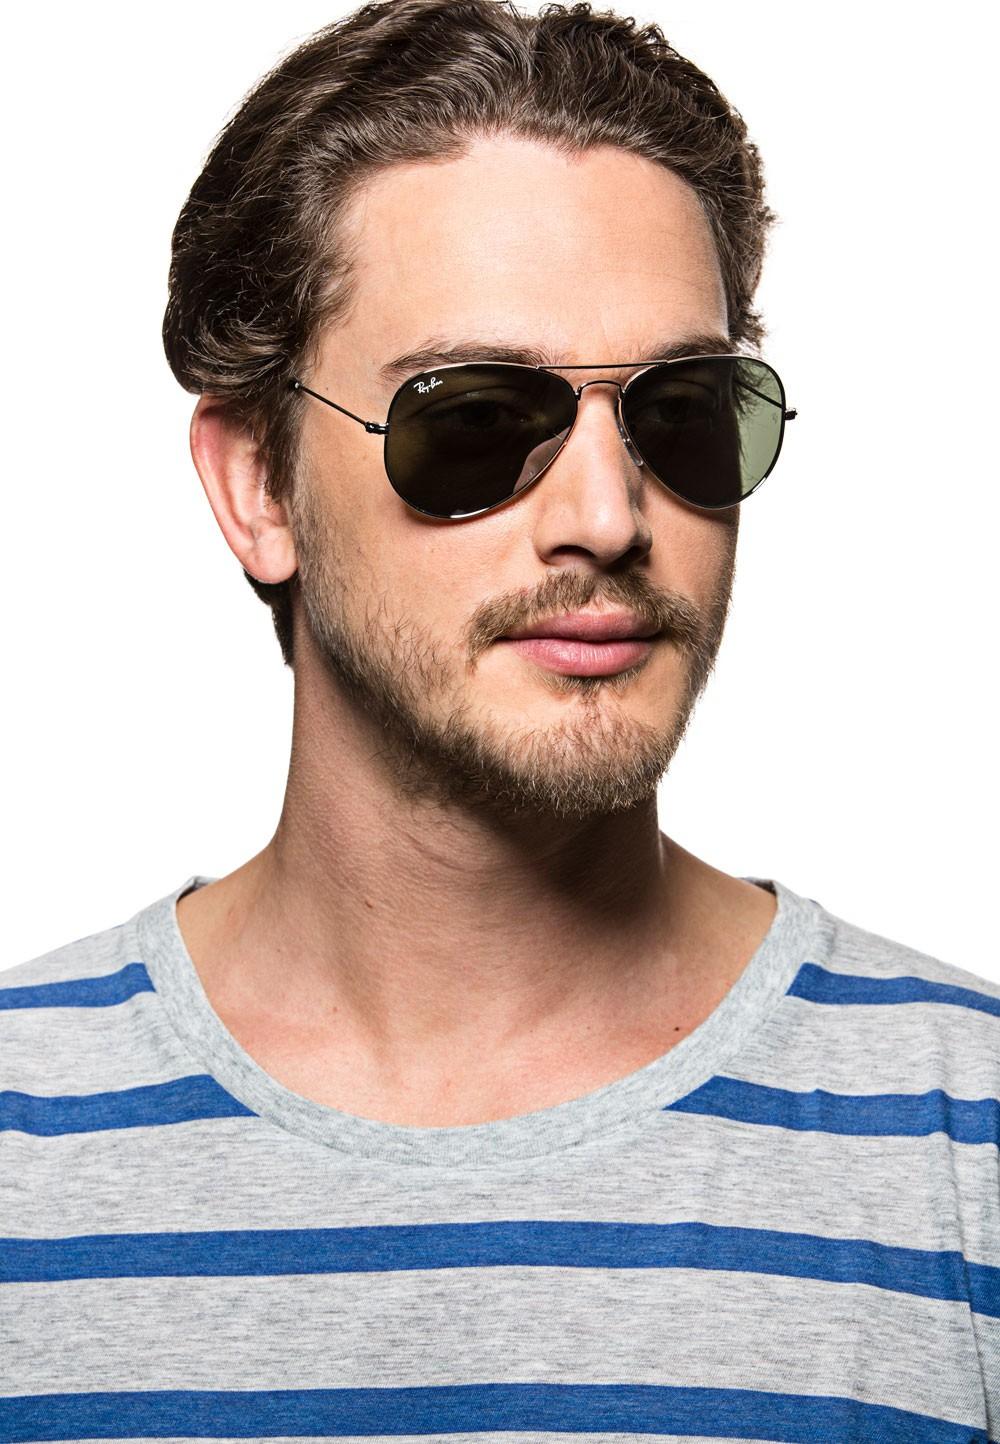 Ray Ban Sonnenbrille - grau-silber